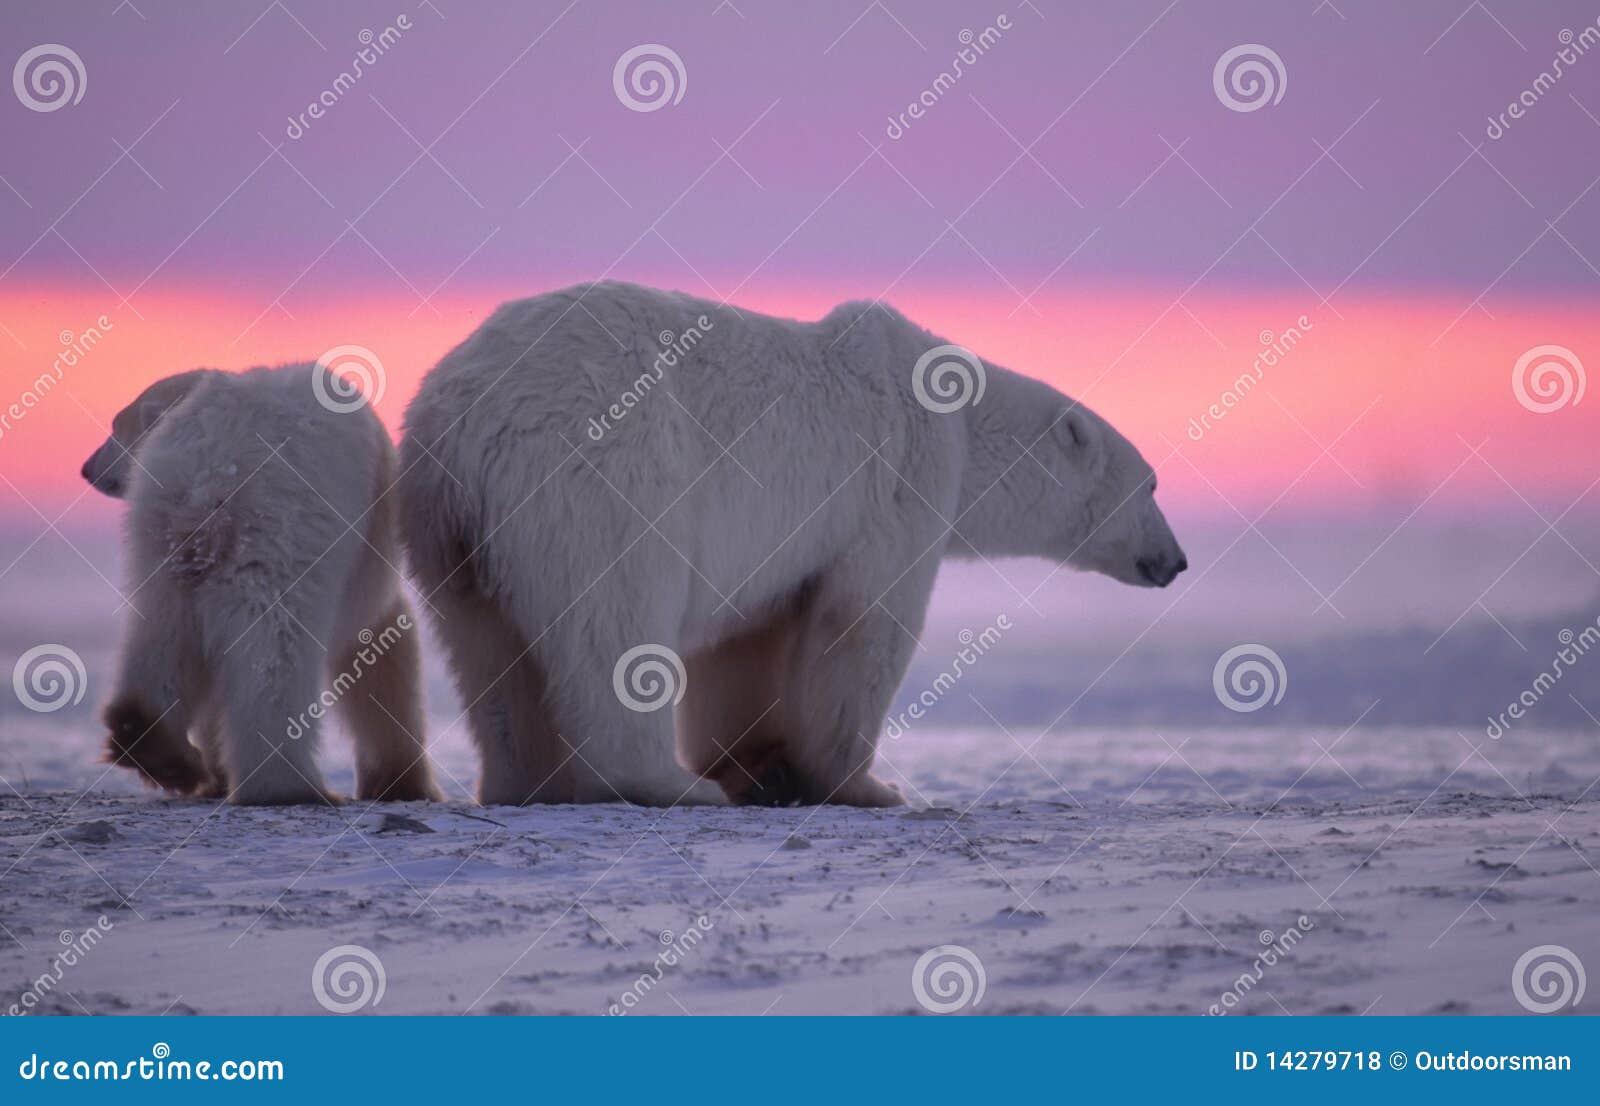 Ours blanc et animal au coucher du soleil